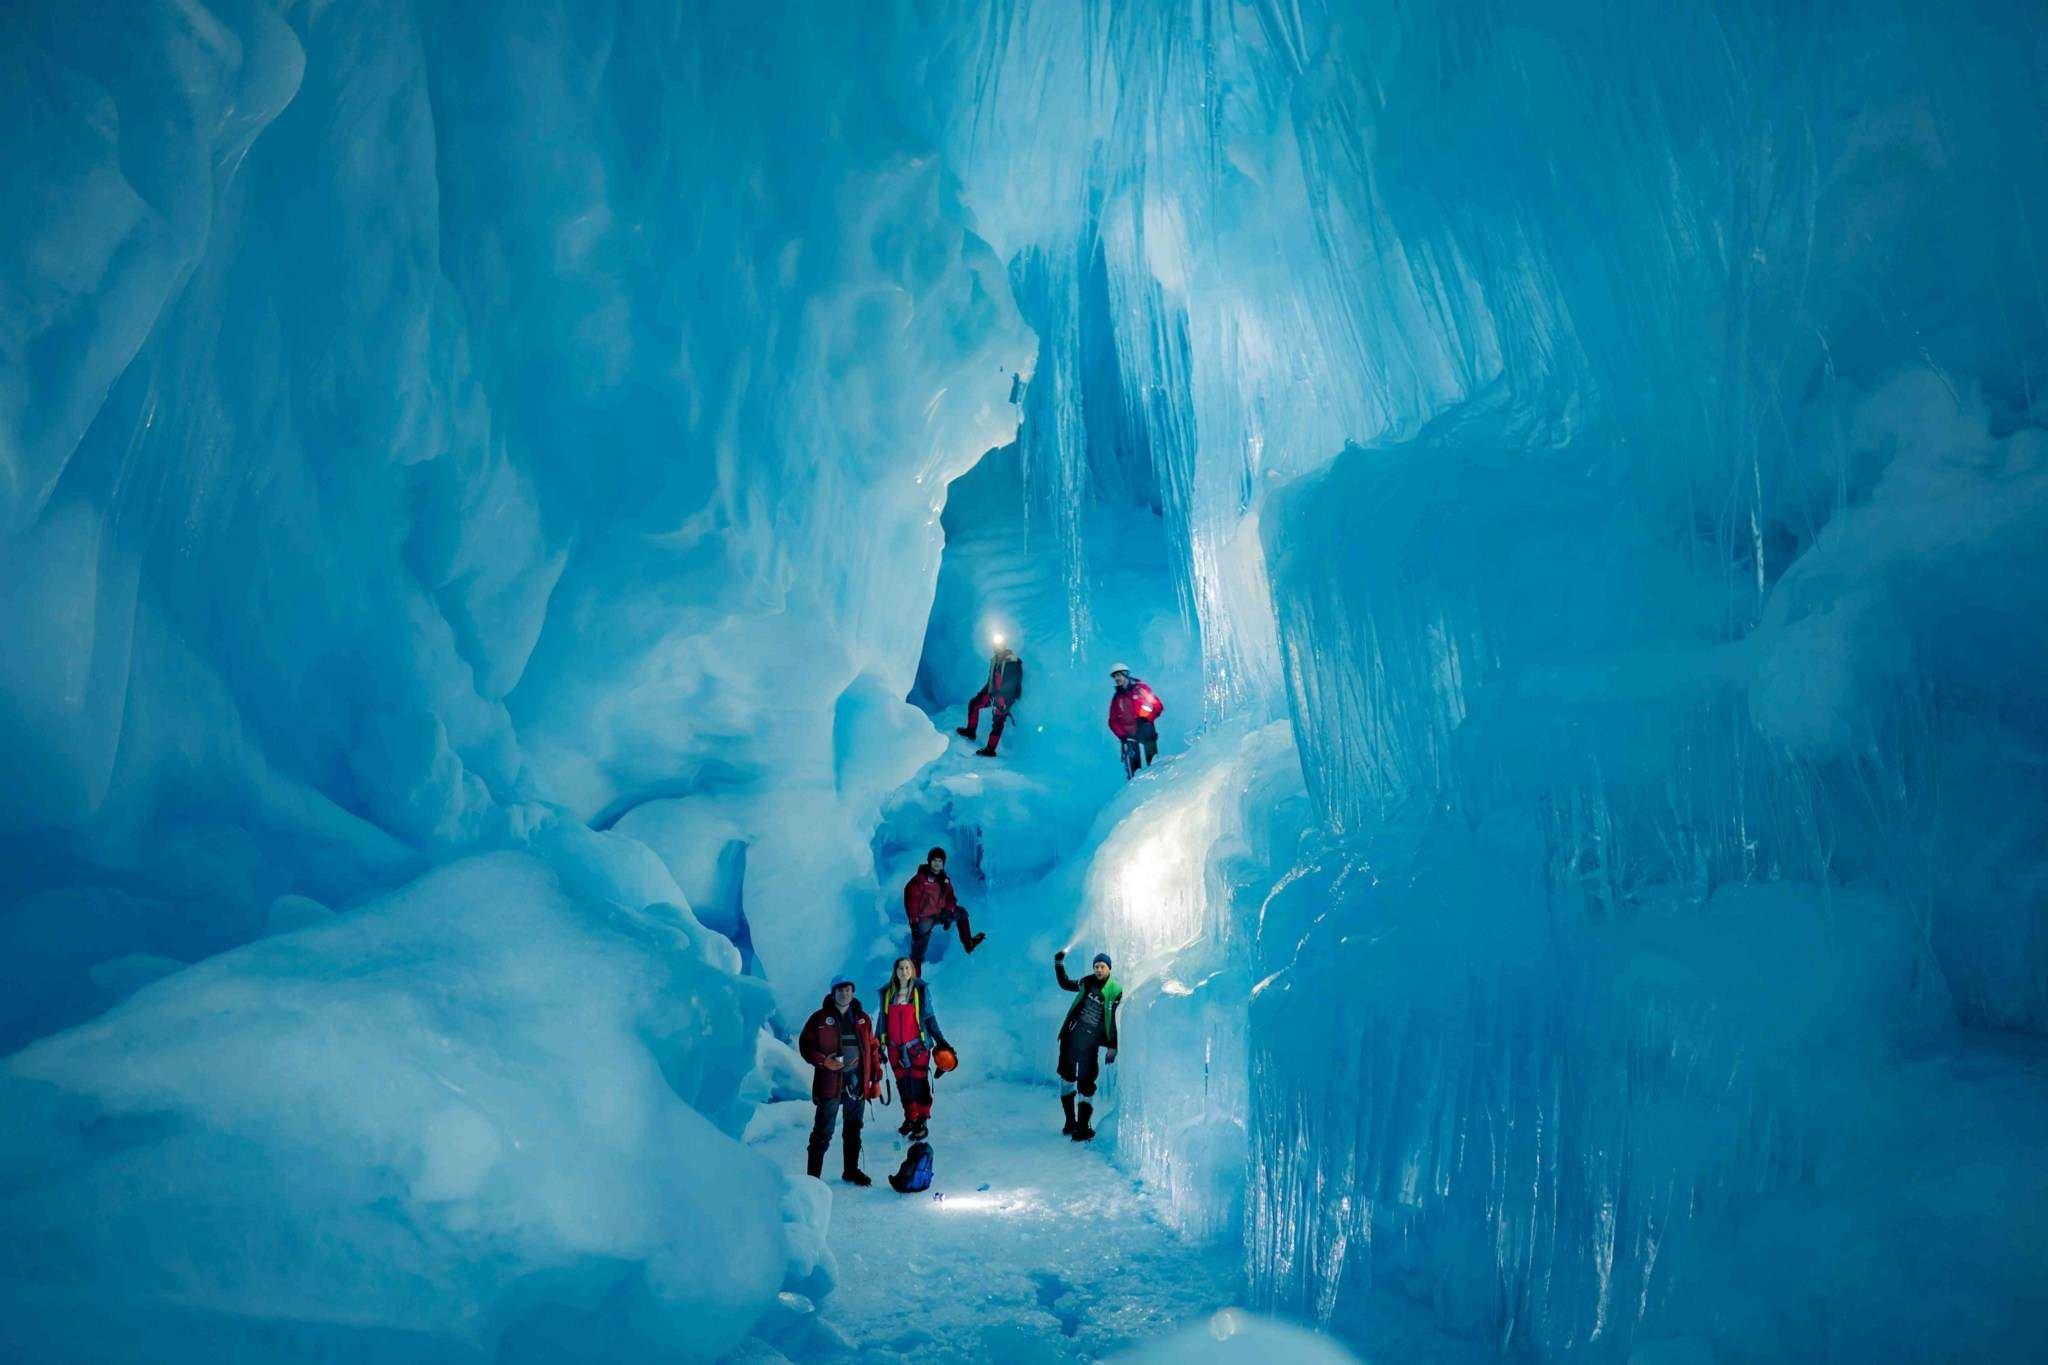 Украинские полярники нашли в Антарктиде «потерянную» ледниковую пещеру (фото)